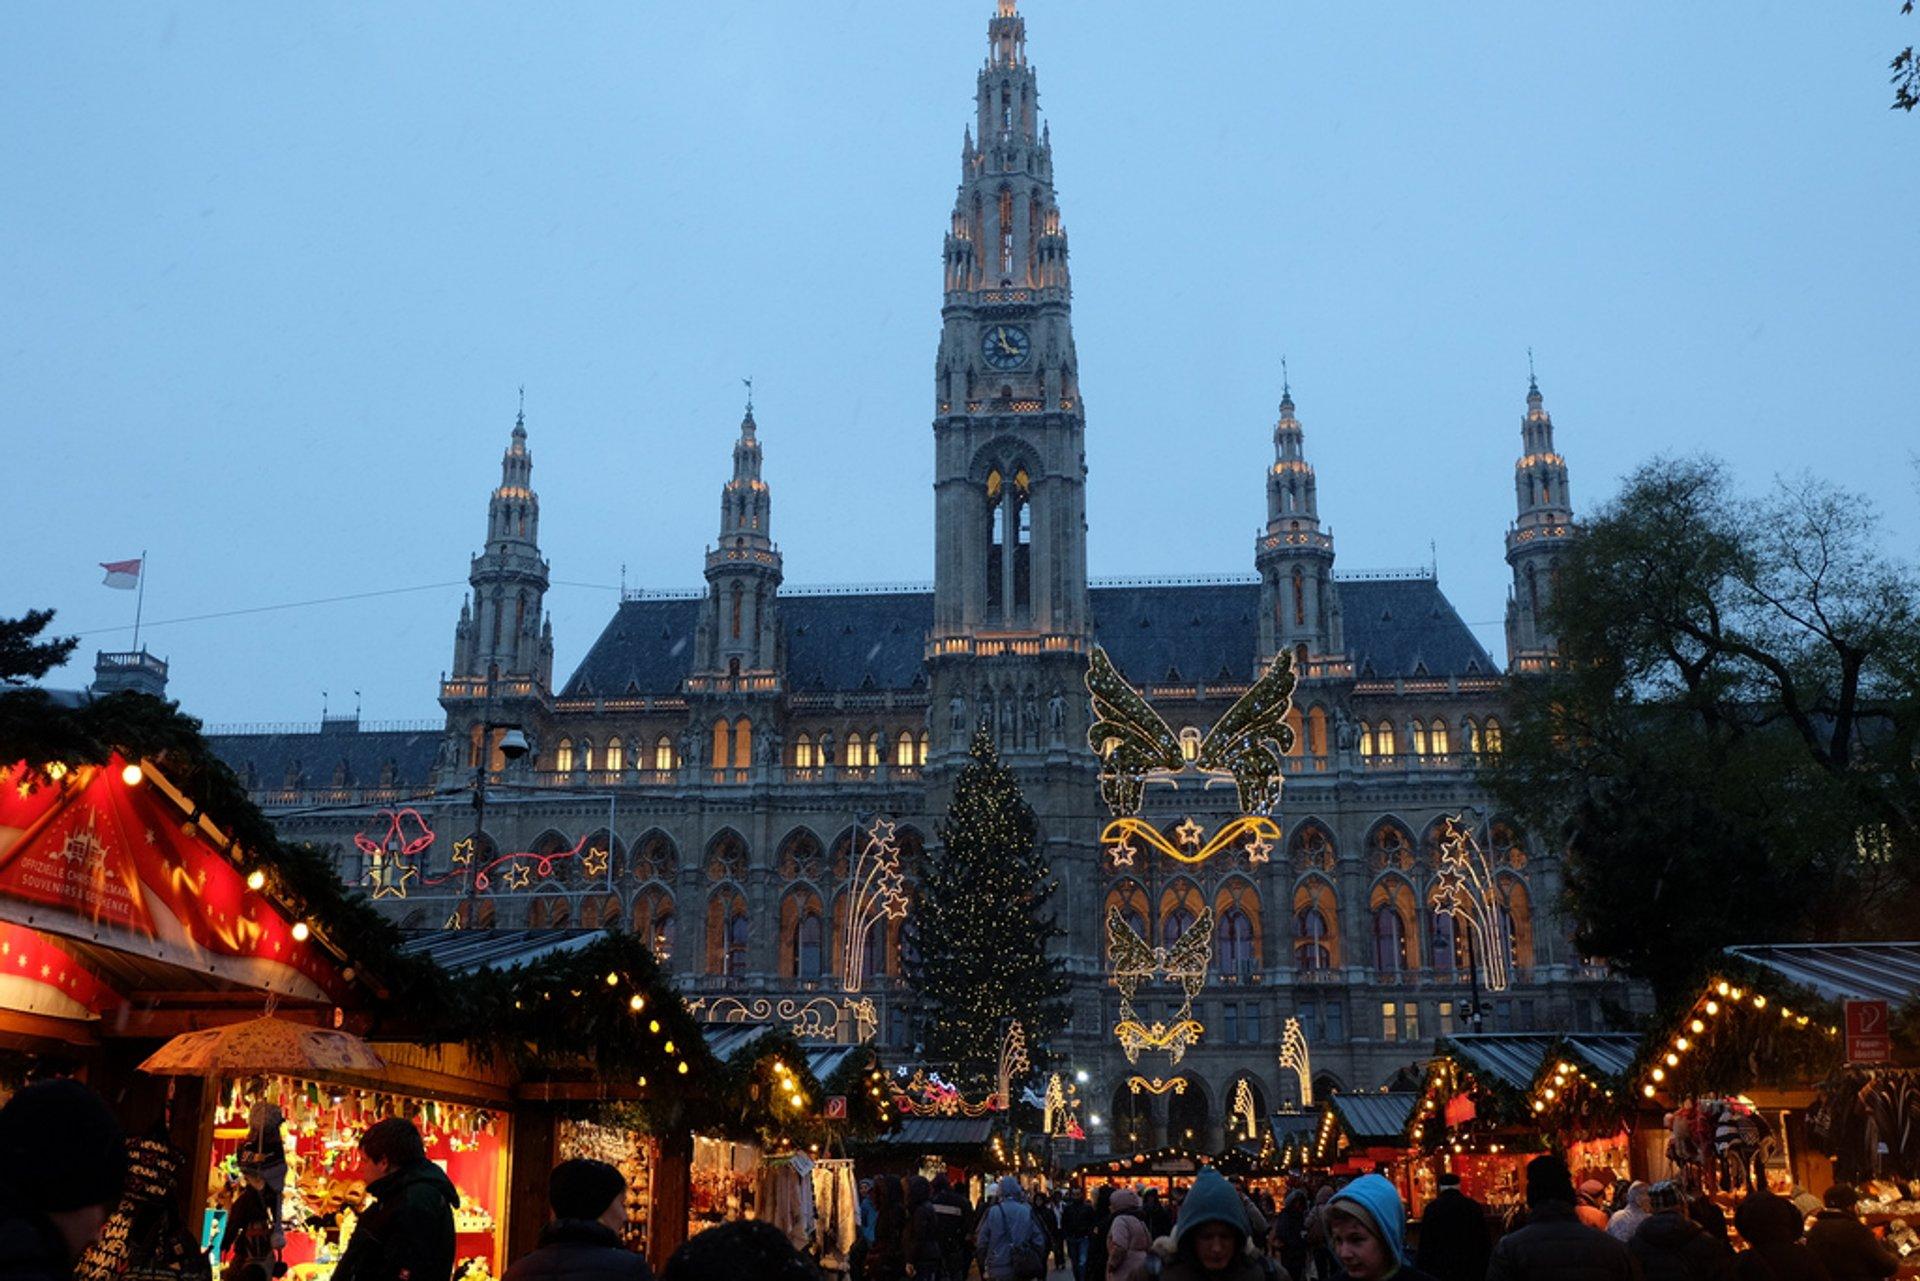 Christmas Markets (Weihnachtsmärkte) in Vienna - Best Time